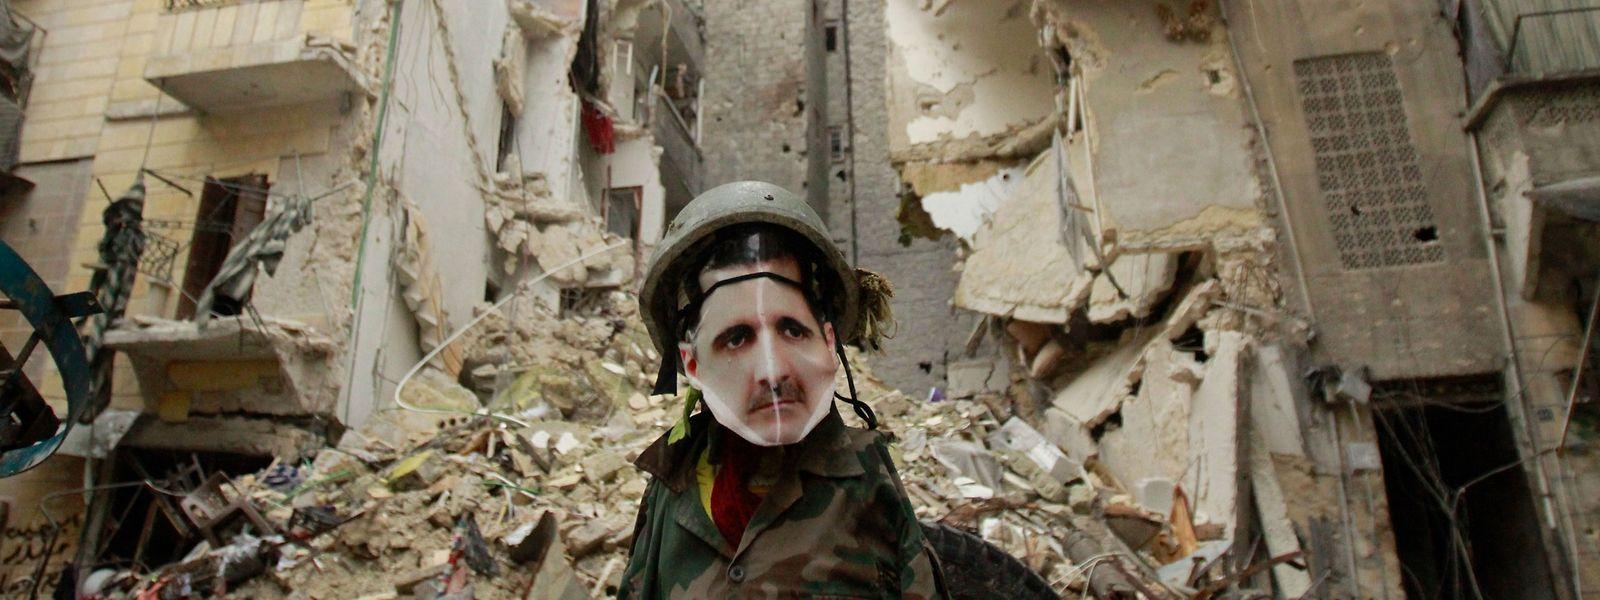 Vor neun Jahren begannen die Proteste gegen Assad, die zum Bürgerkrieg mit Hunderttausenden Toten führte.